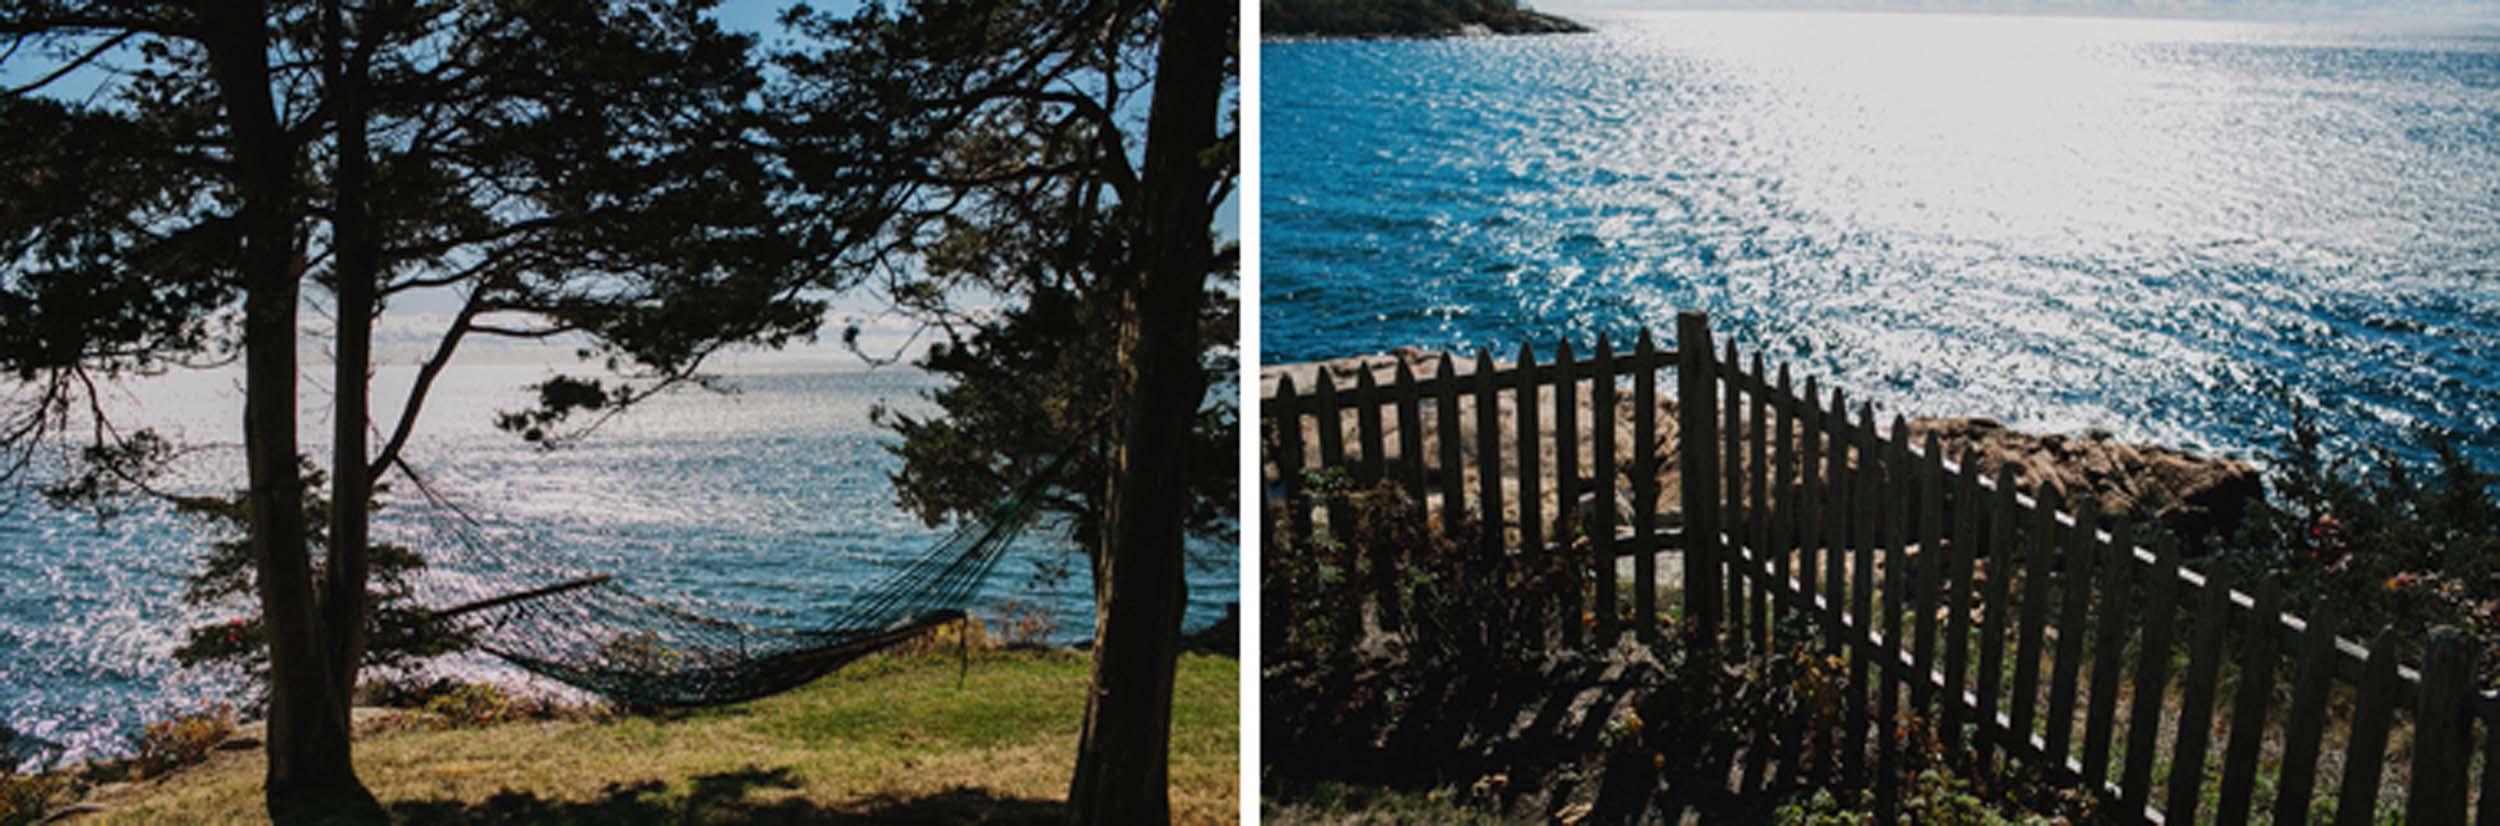 north-shore-sam-matt-02.jpg